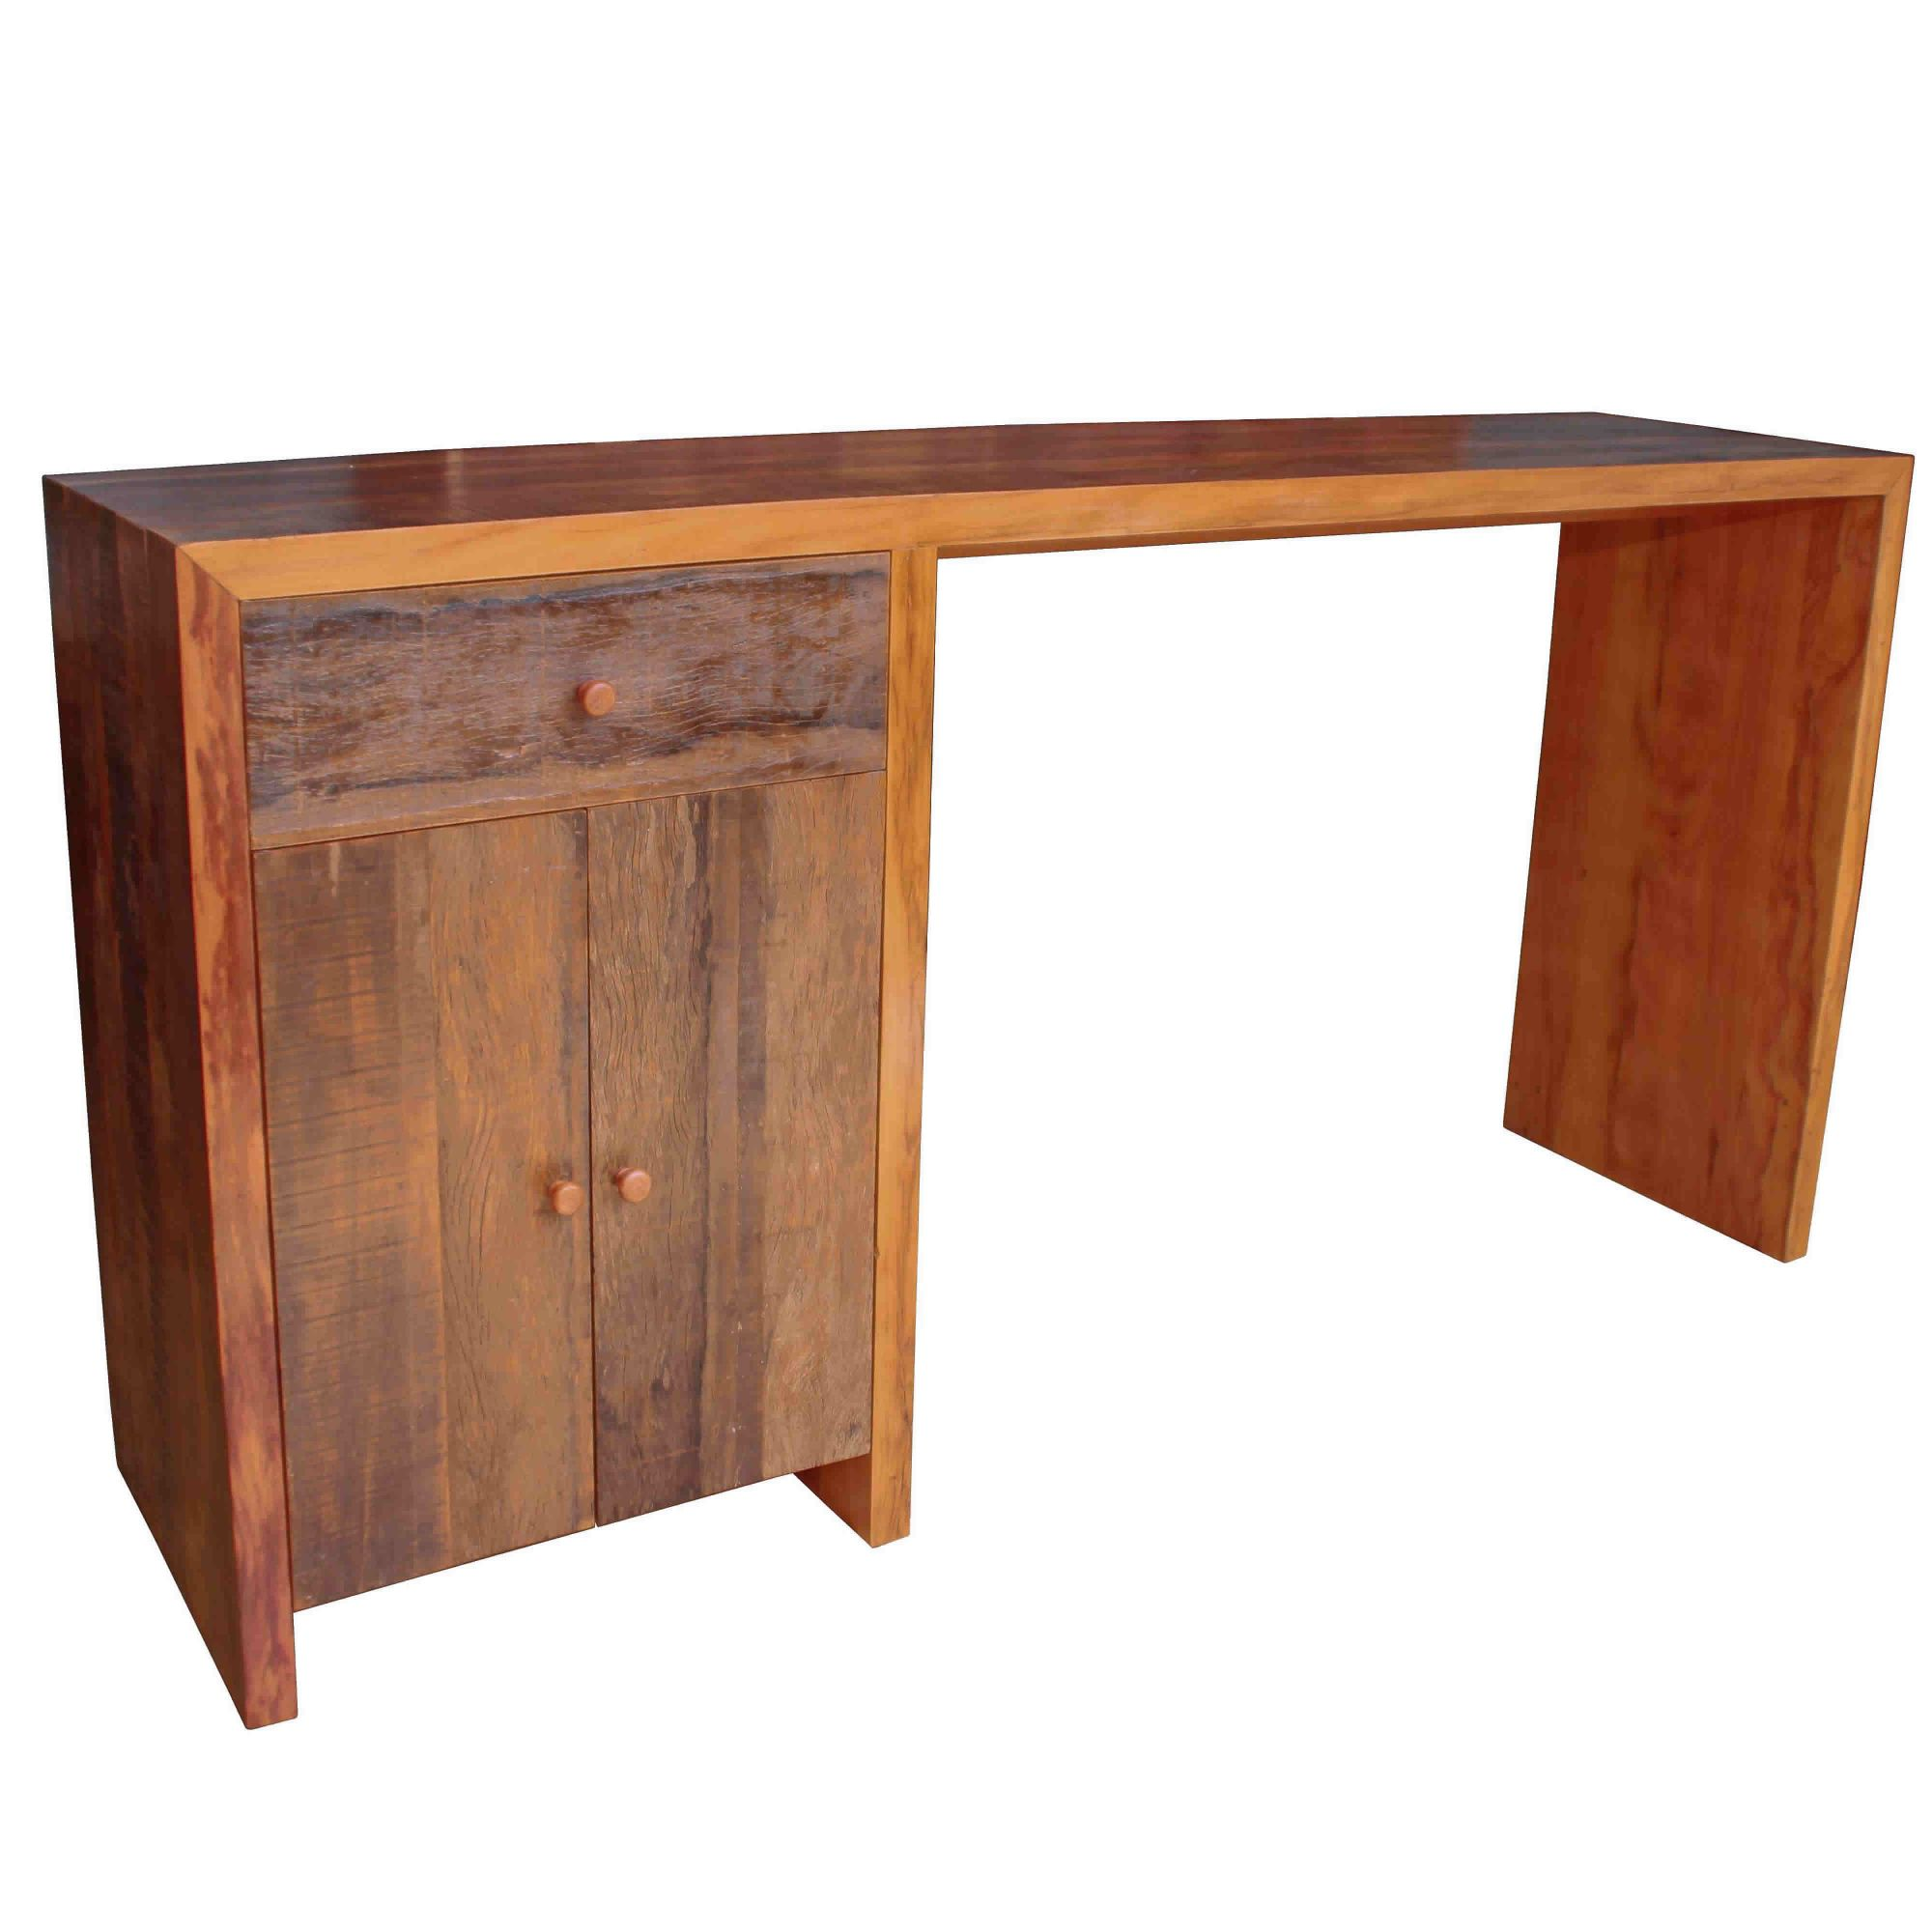 Escrivaninha em madeira de demolição rústica 1,50x50x75